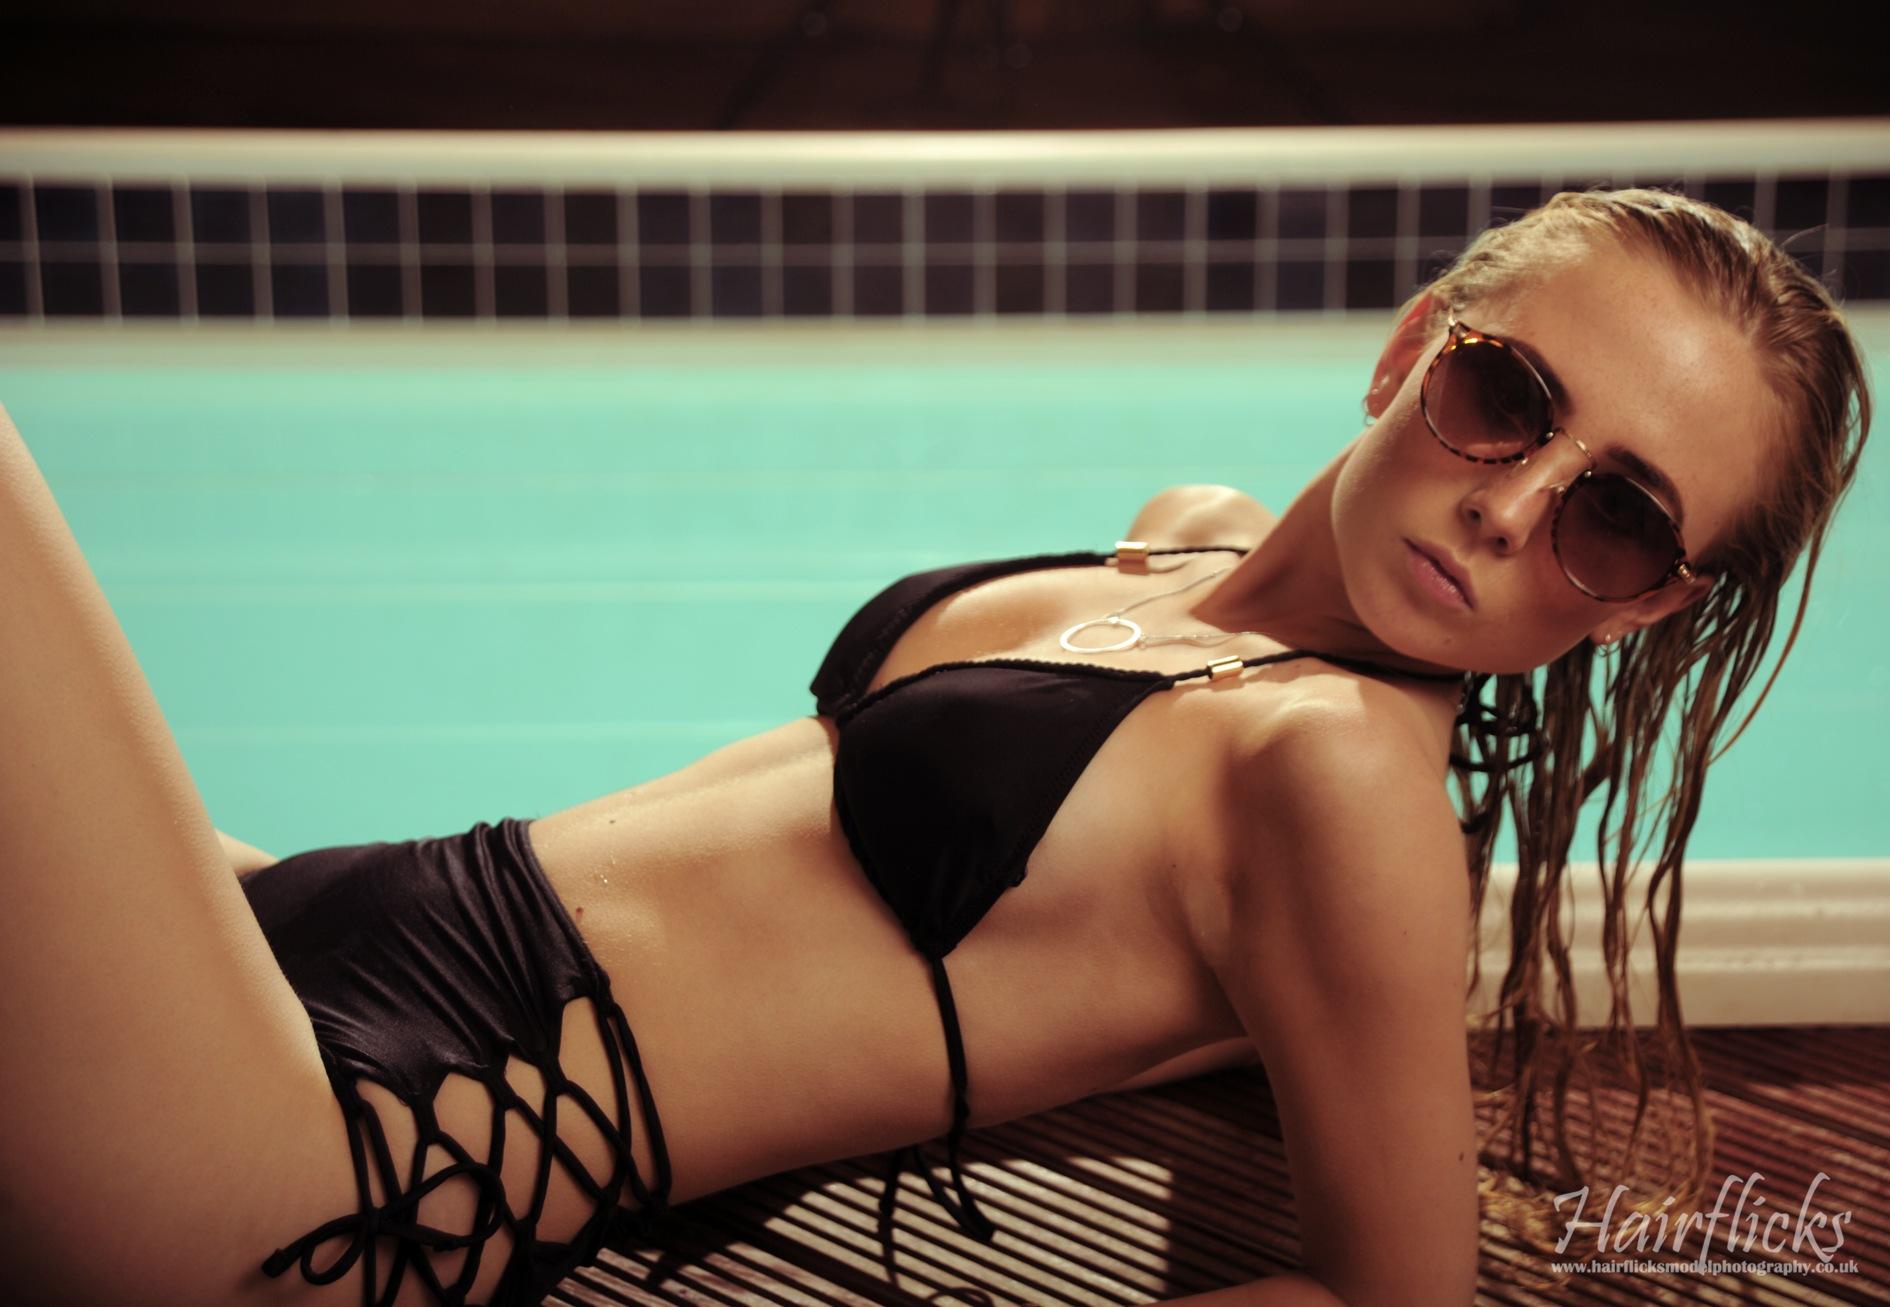 Summertime girls by JMPhotos